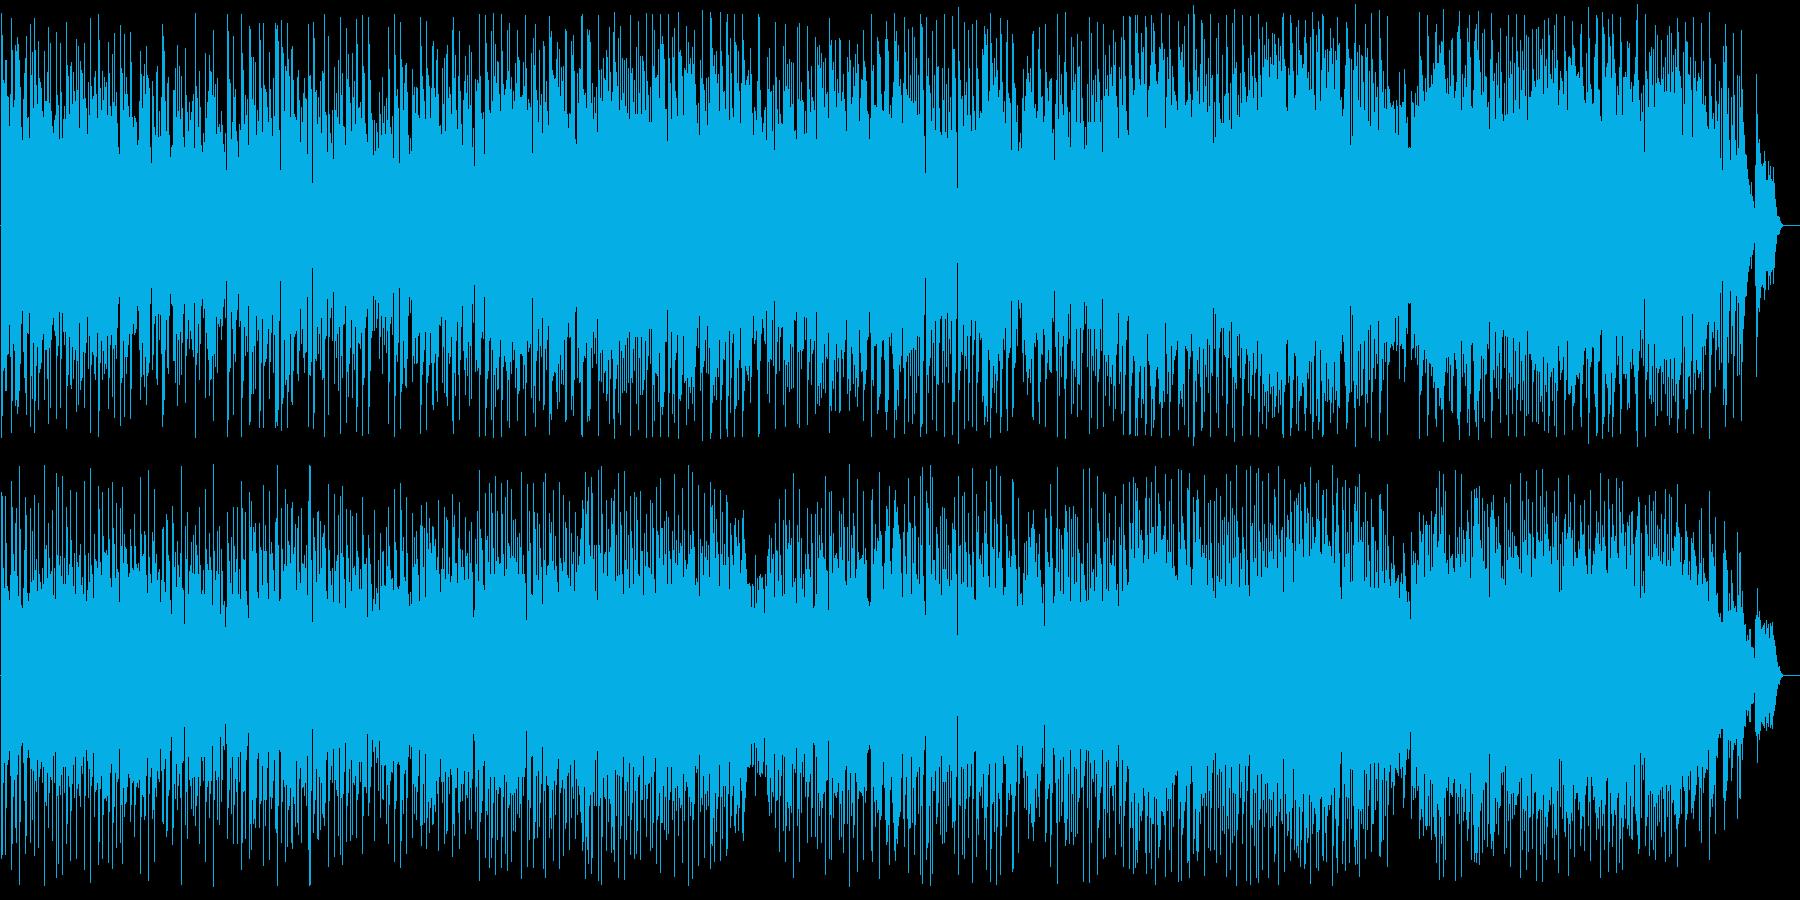 繊細で透明感ある綺麗なメロディーの再生済みの波形